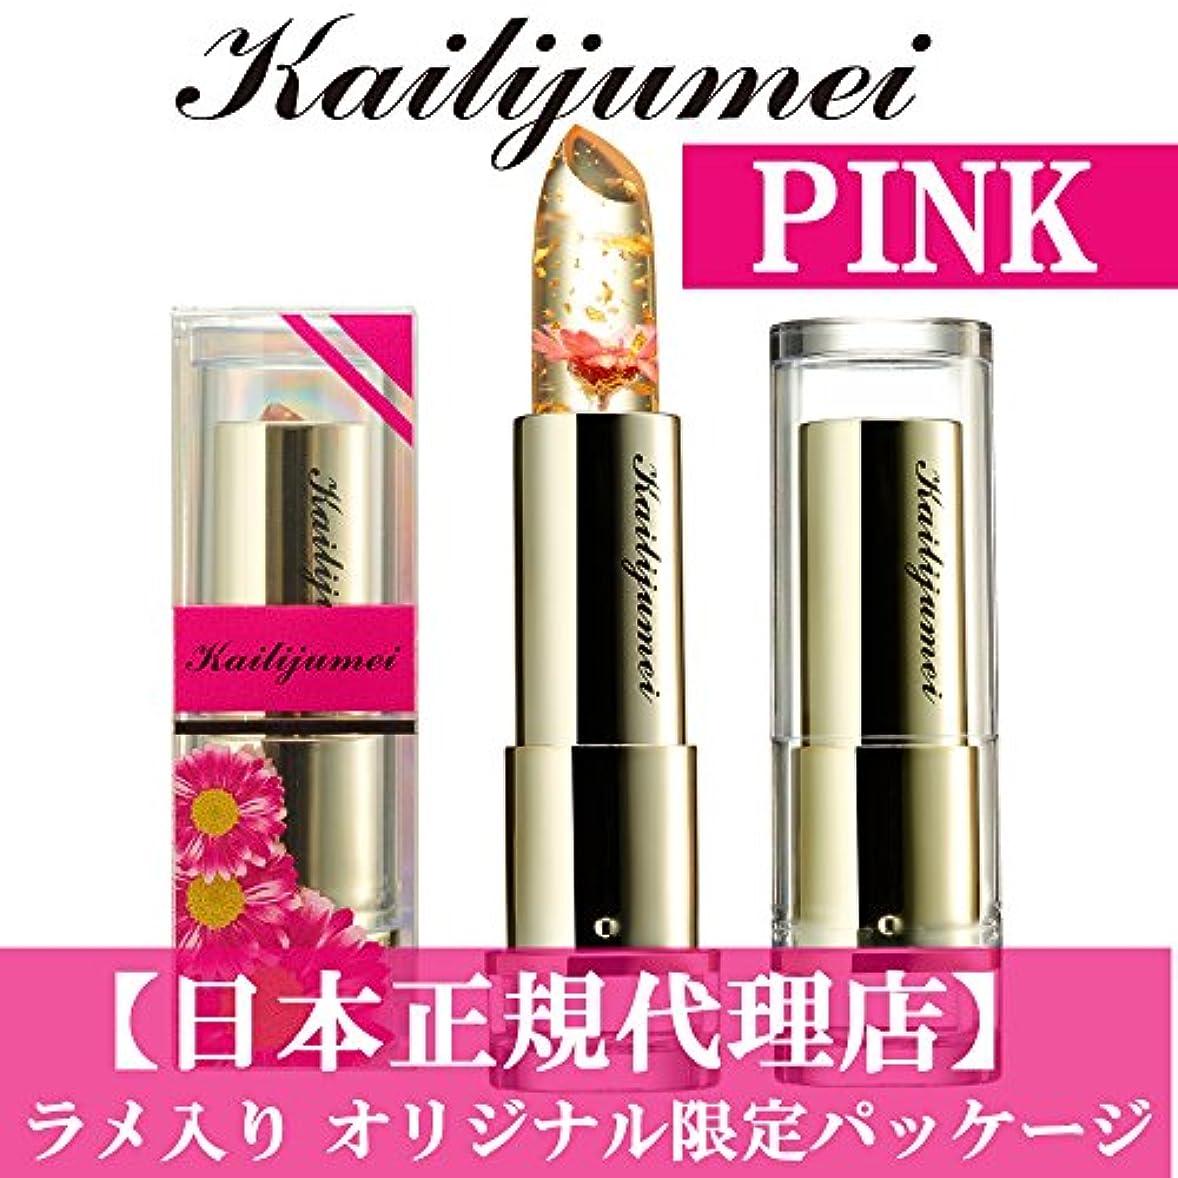 登場最少理容室ティーサイド カイリジュメイ フラワーティントリップ ピンク 日本限定オリジナルパッケージ 3.8g